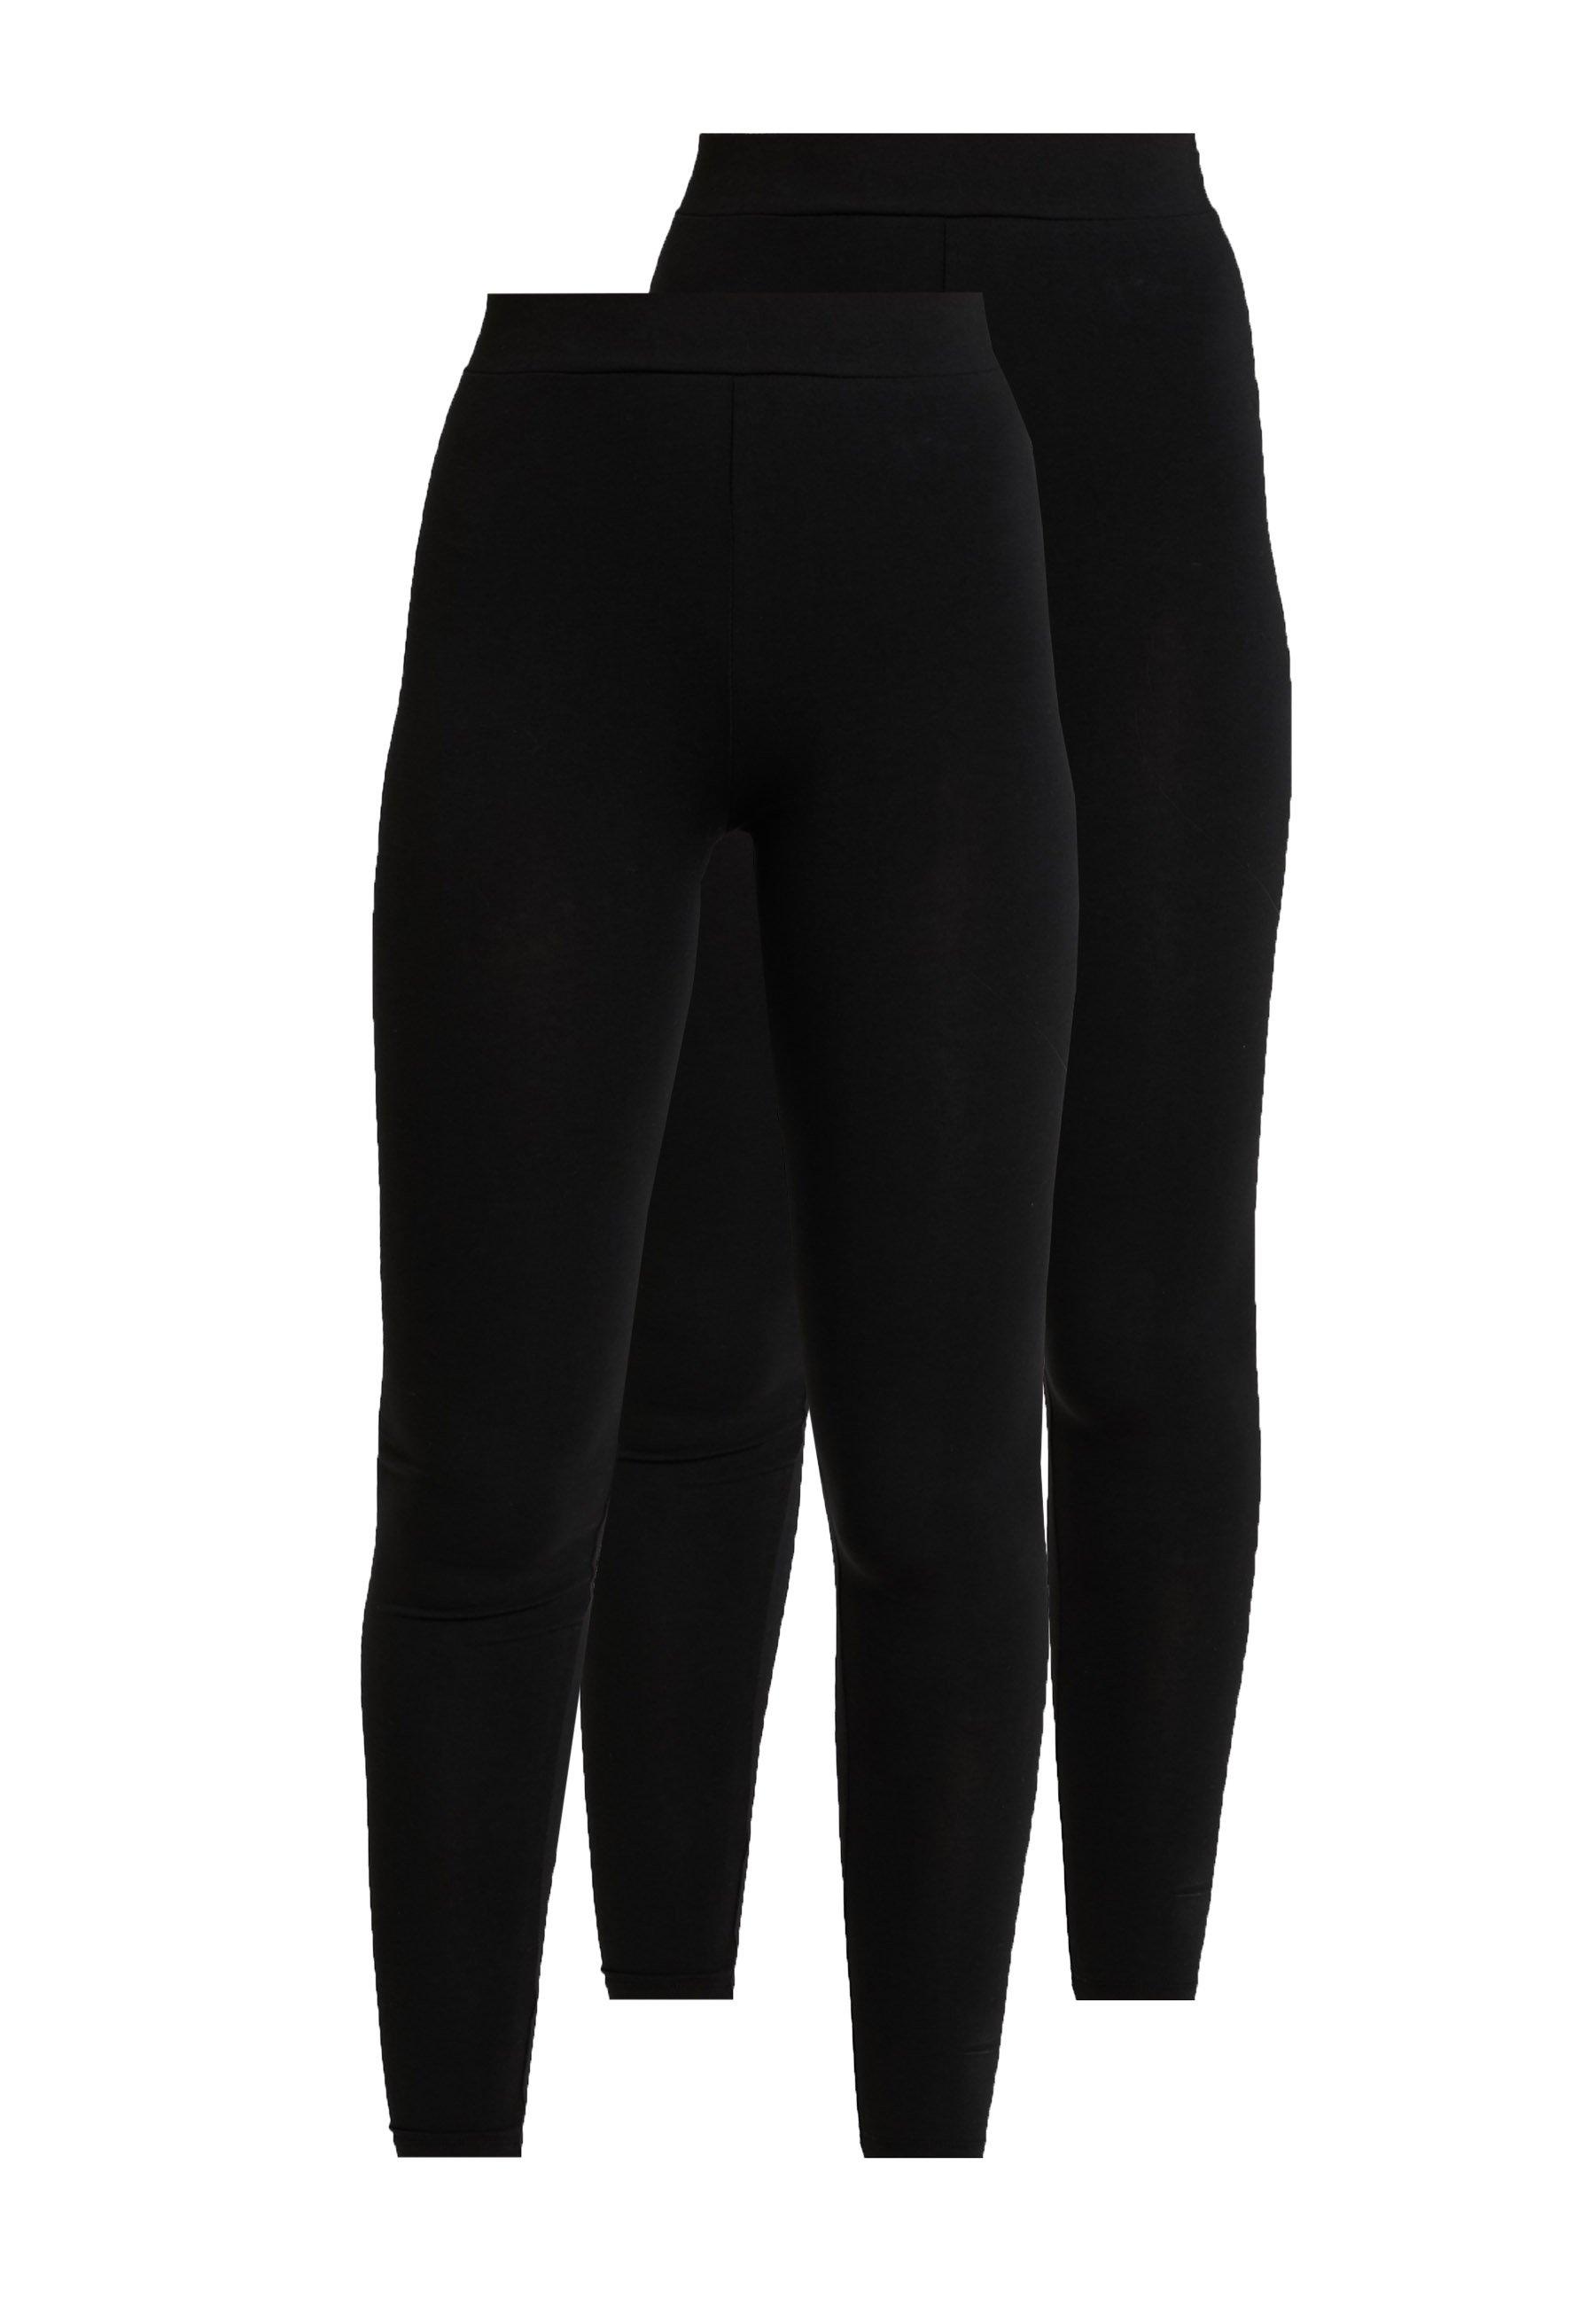 Damen ONLLIVE LOVE NEW 2 PACK - Leggings - Hosen